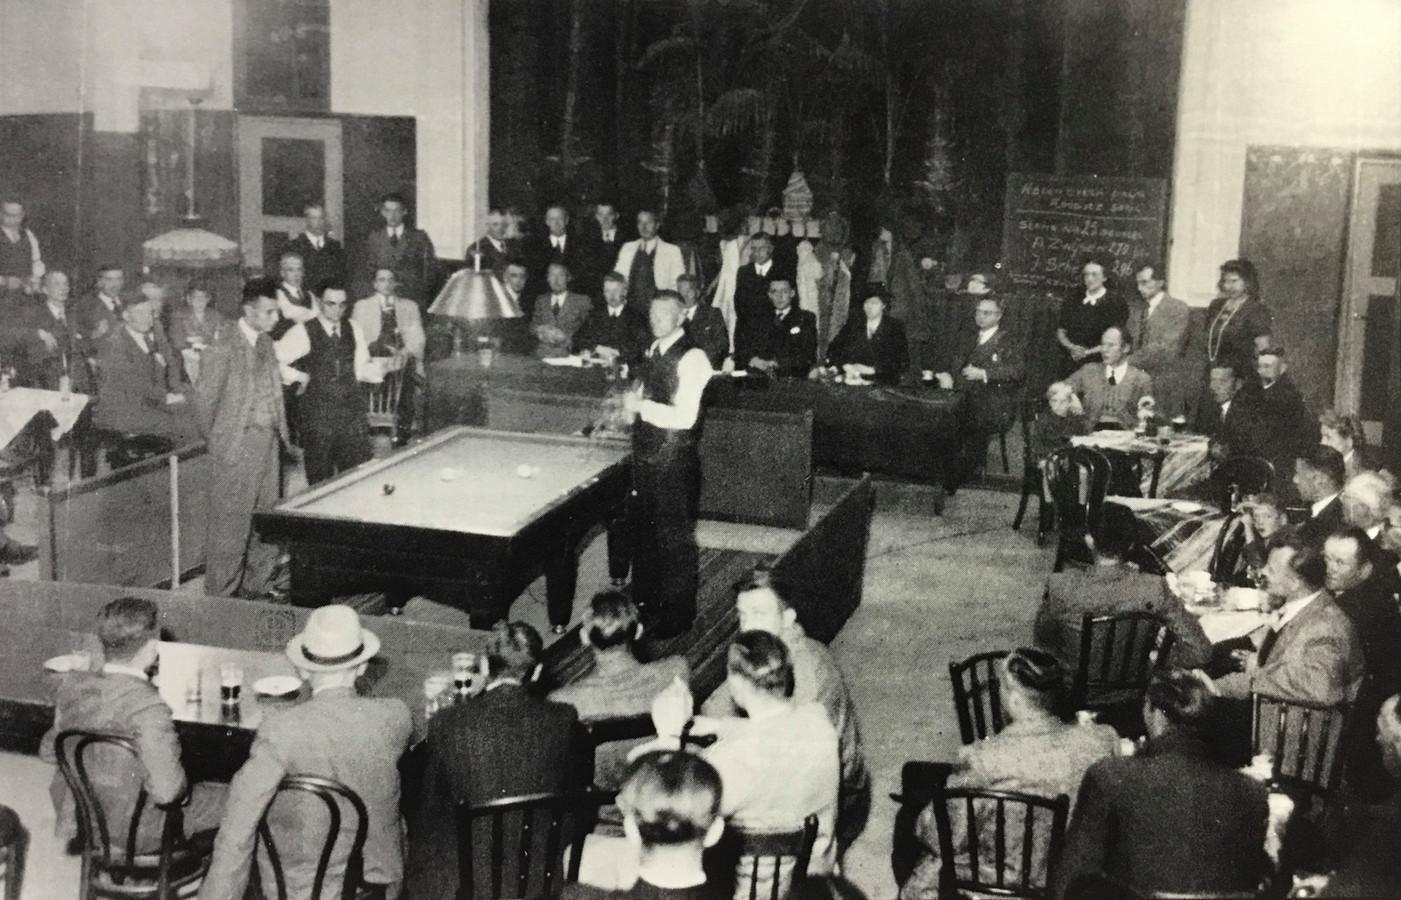 Biljartwedstrijd om het eerste Osse kampioenschap in oktober 1942. Jan Zwijsen, links naast de arbiter, won de titel